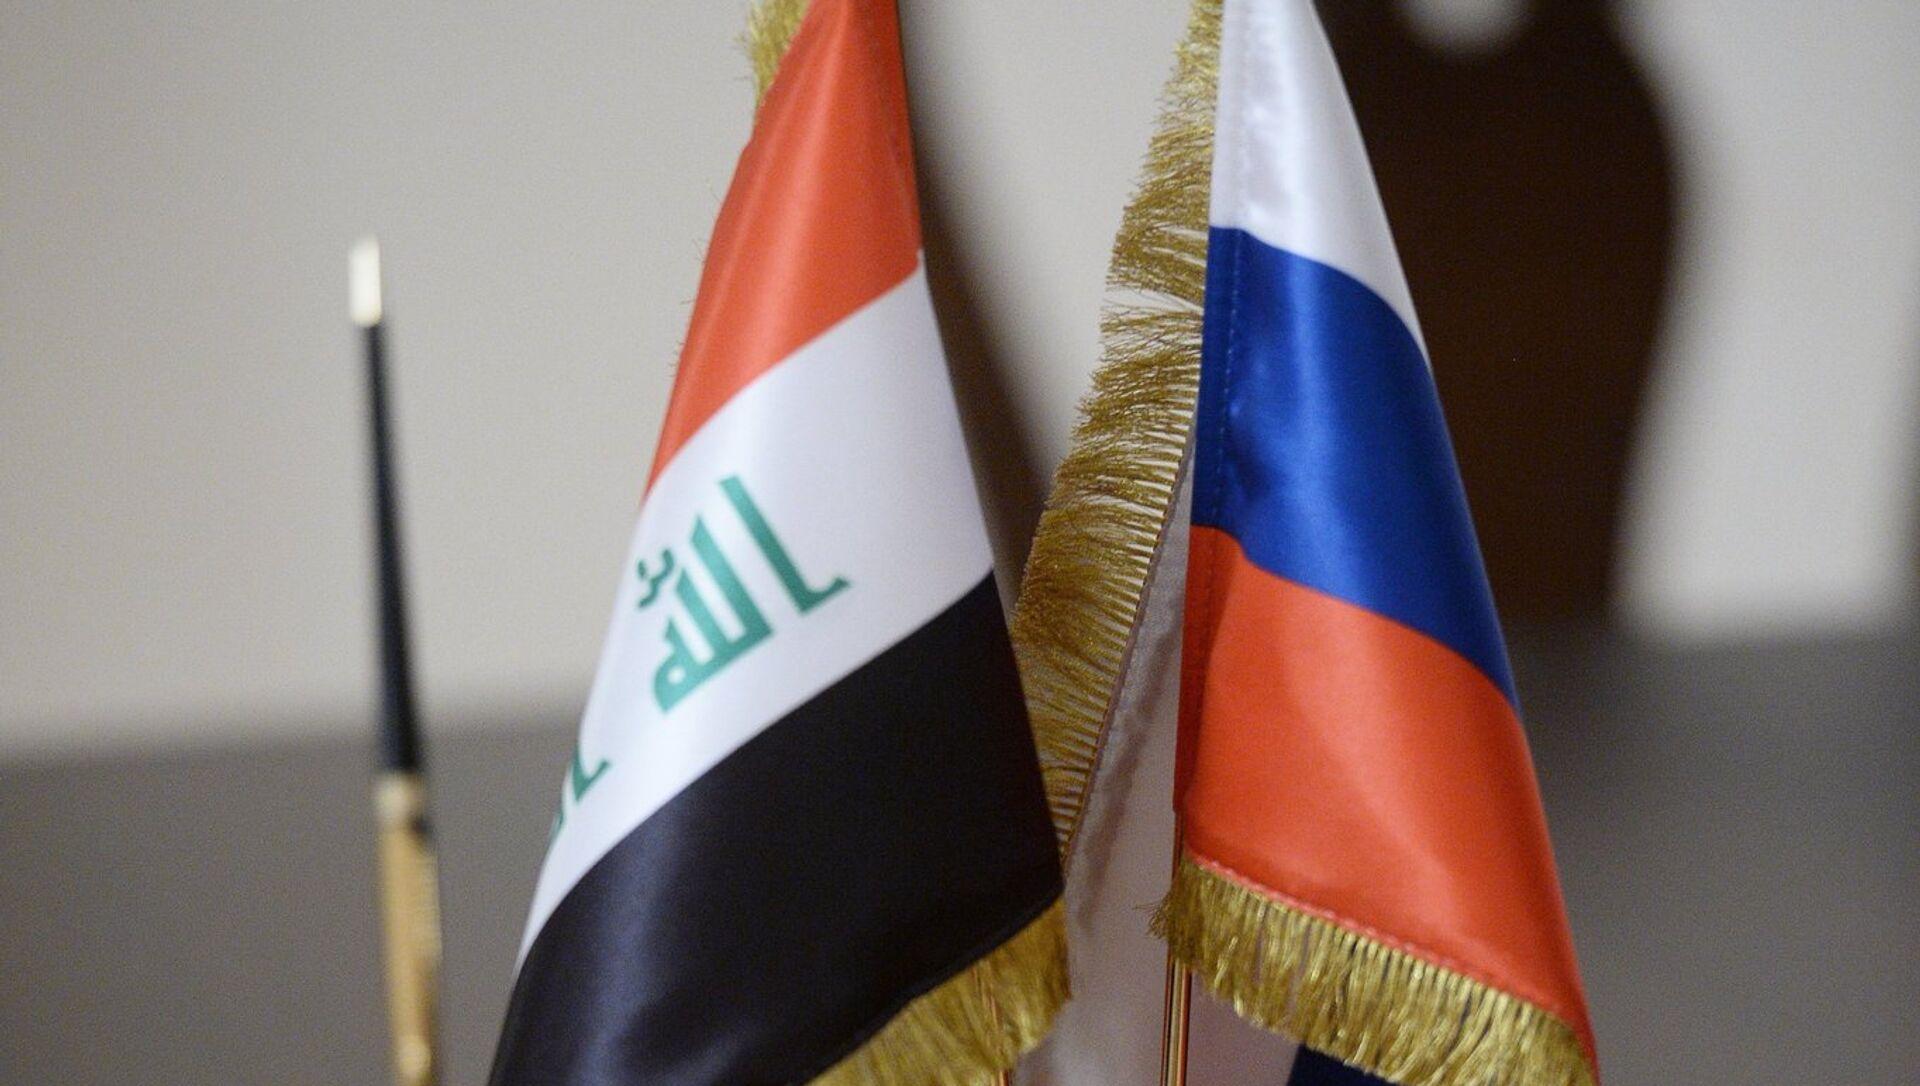 Banderas de Rusia e Irak - Sputnik Mundo, 1920, 26.10.2020